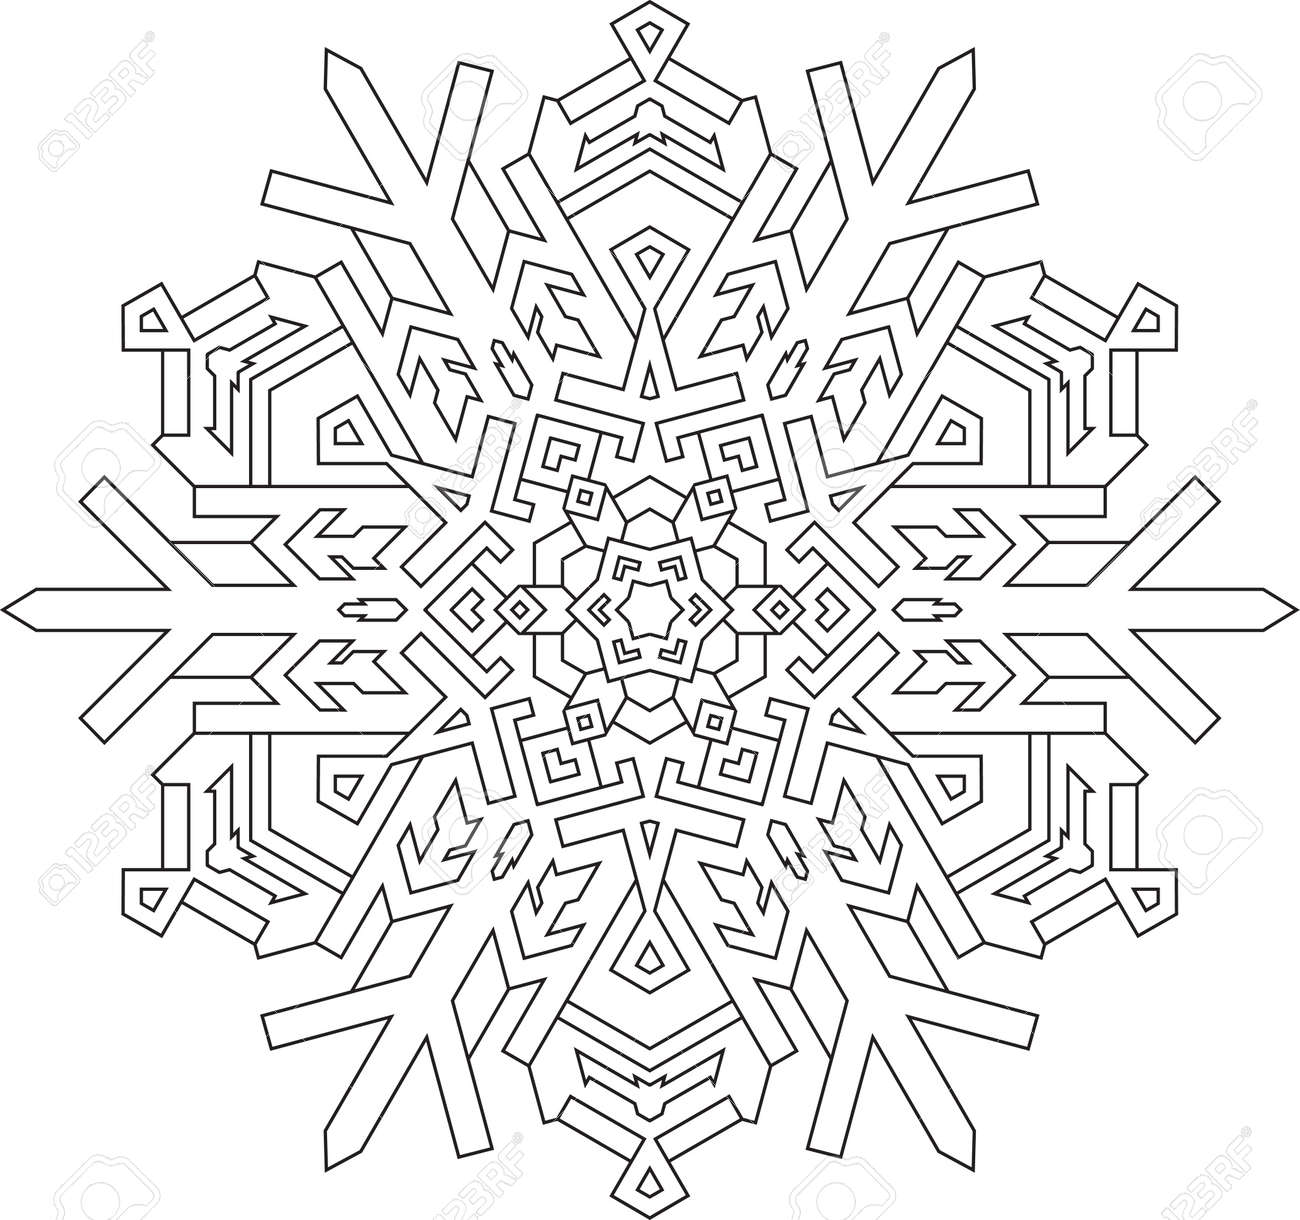 Contornos De Copo De Nieve En El Estilo De Línea Mono Para Colorear Libro Para Colorear Modelo Geométrico Del Vector